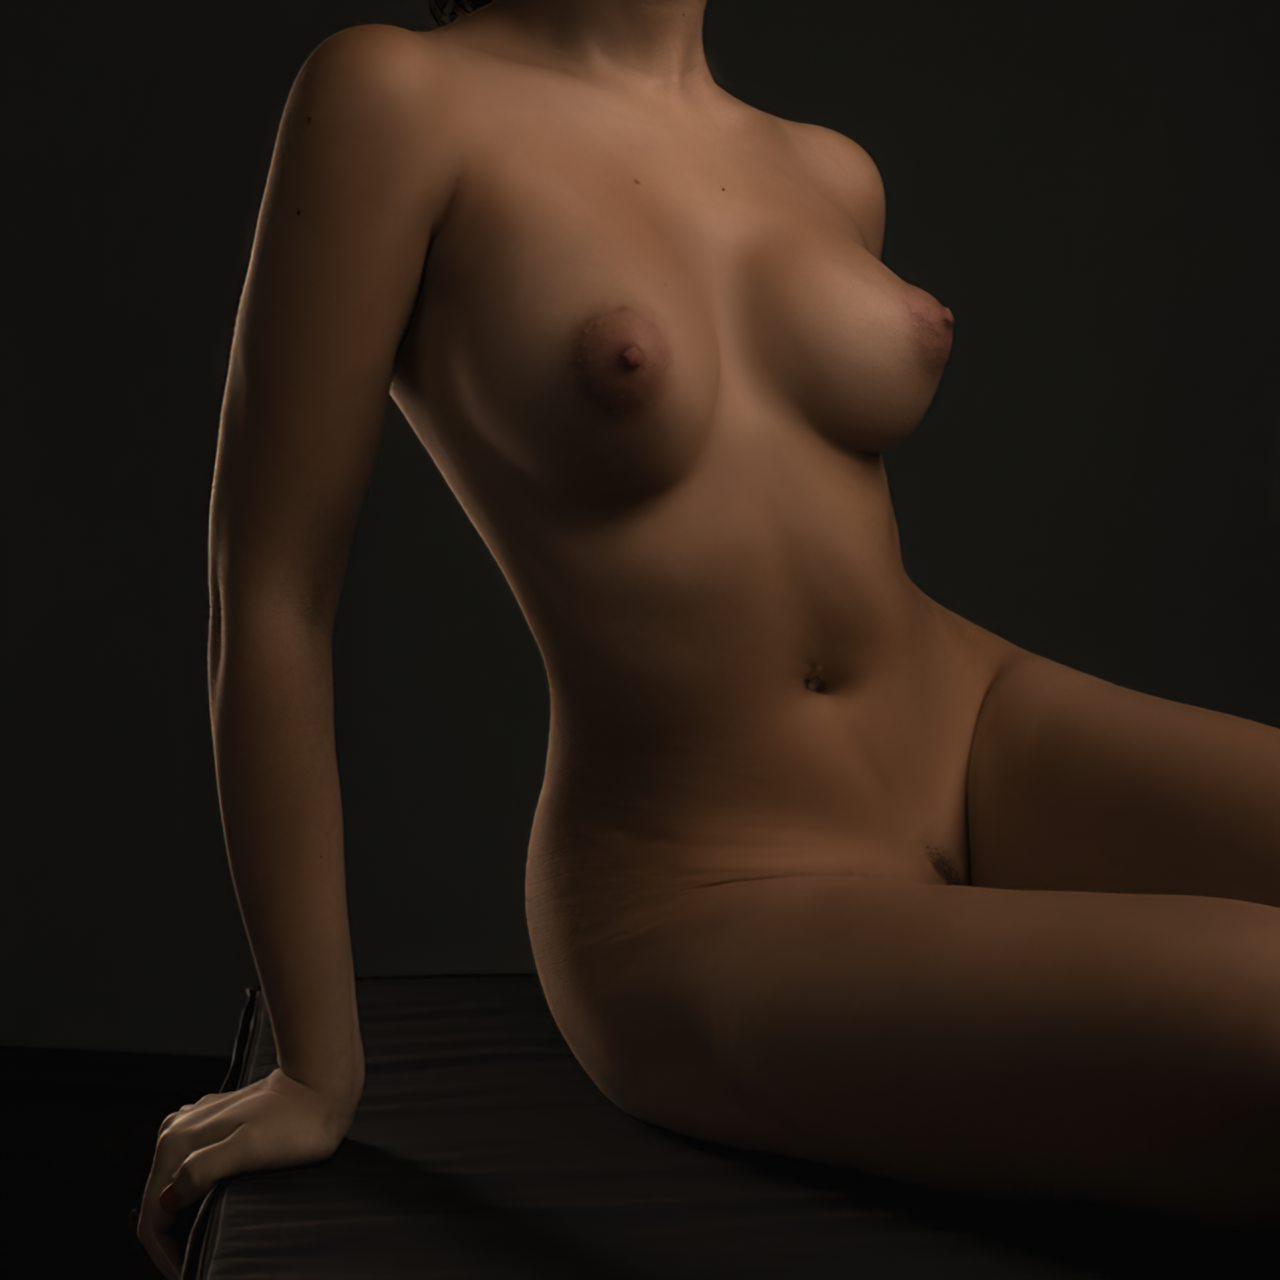 Mulheres Peladas (49)